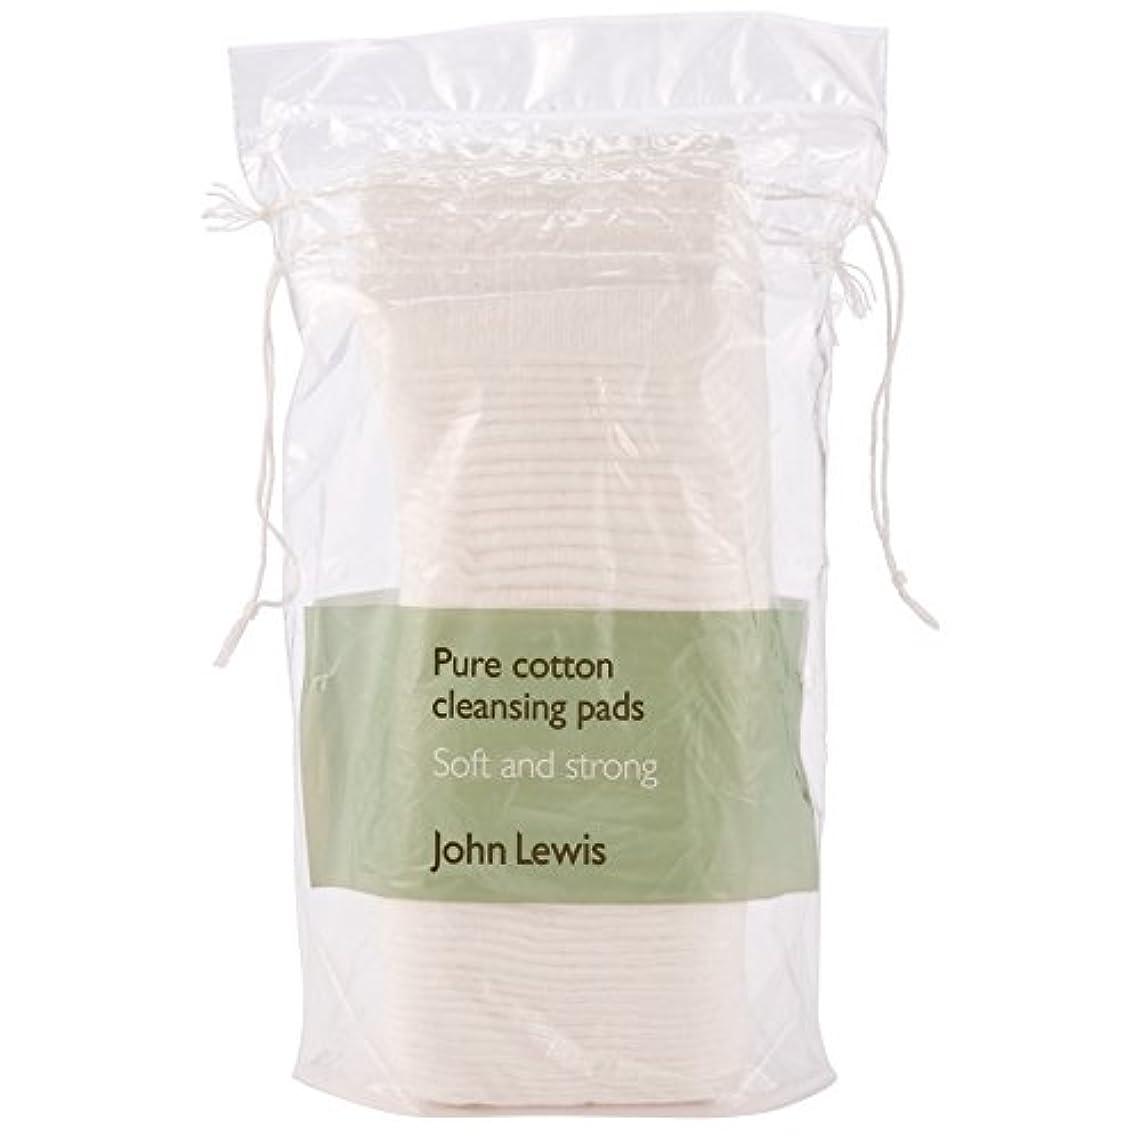 彫刻家別れる愛国的なジョン?ルイス純粋な綿のクレンジングパッド×50 (John Lewis) - John Lewis Pure Cotton Cleansing Pads x 50 [並行輸入品]